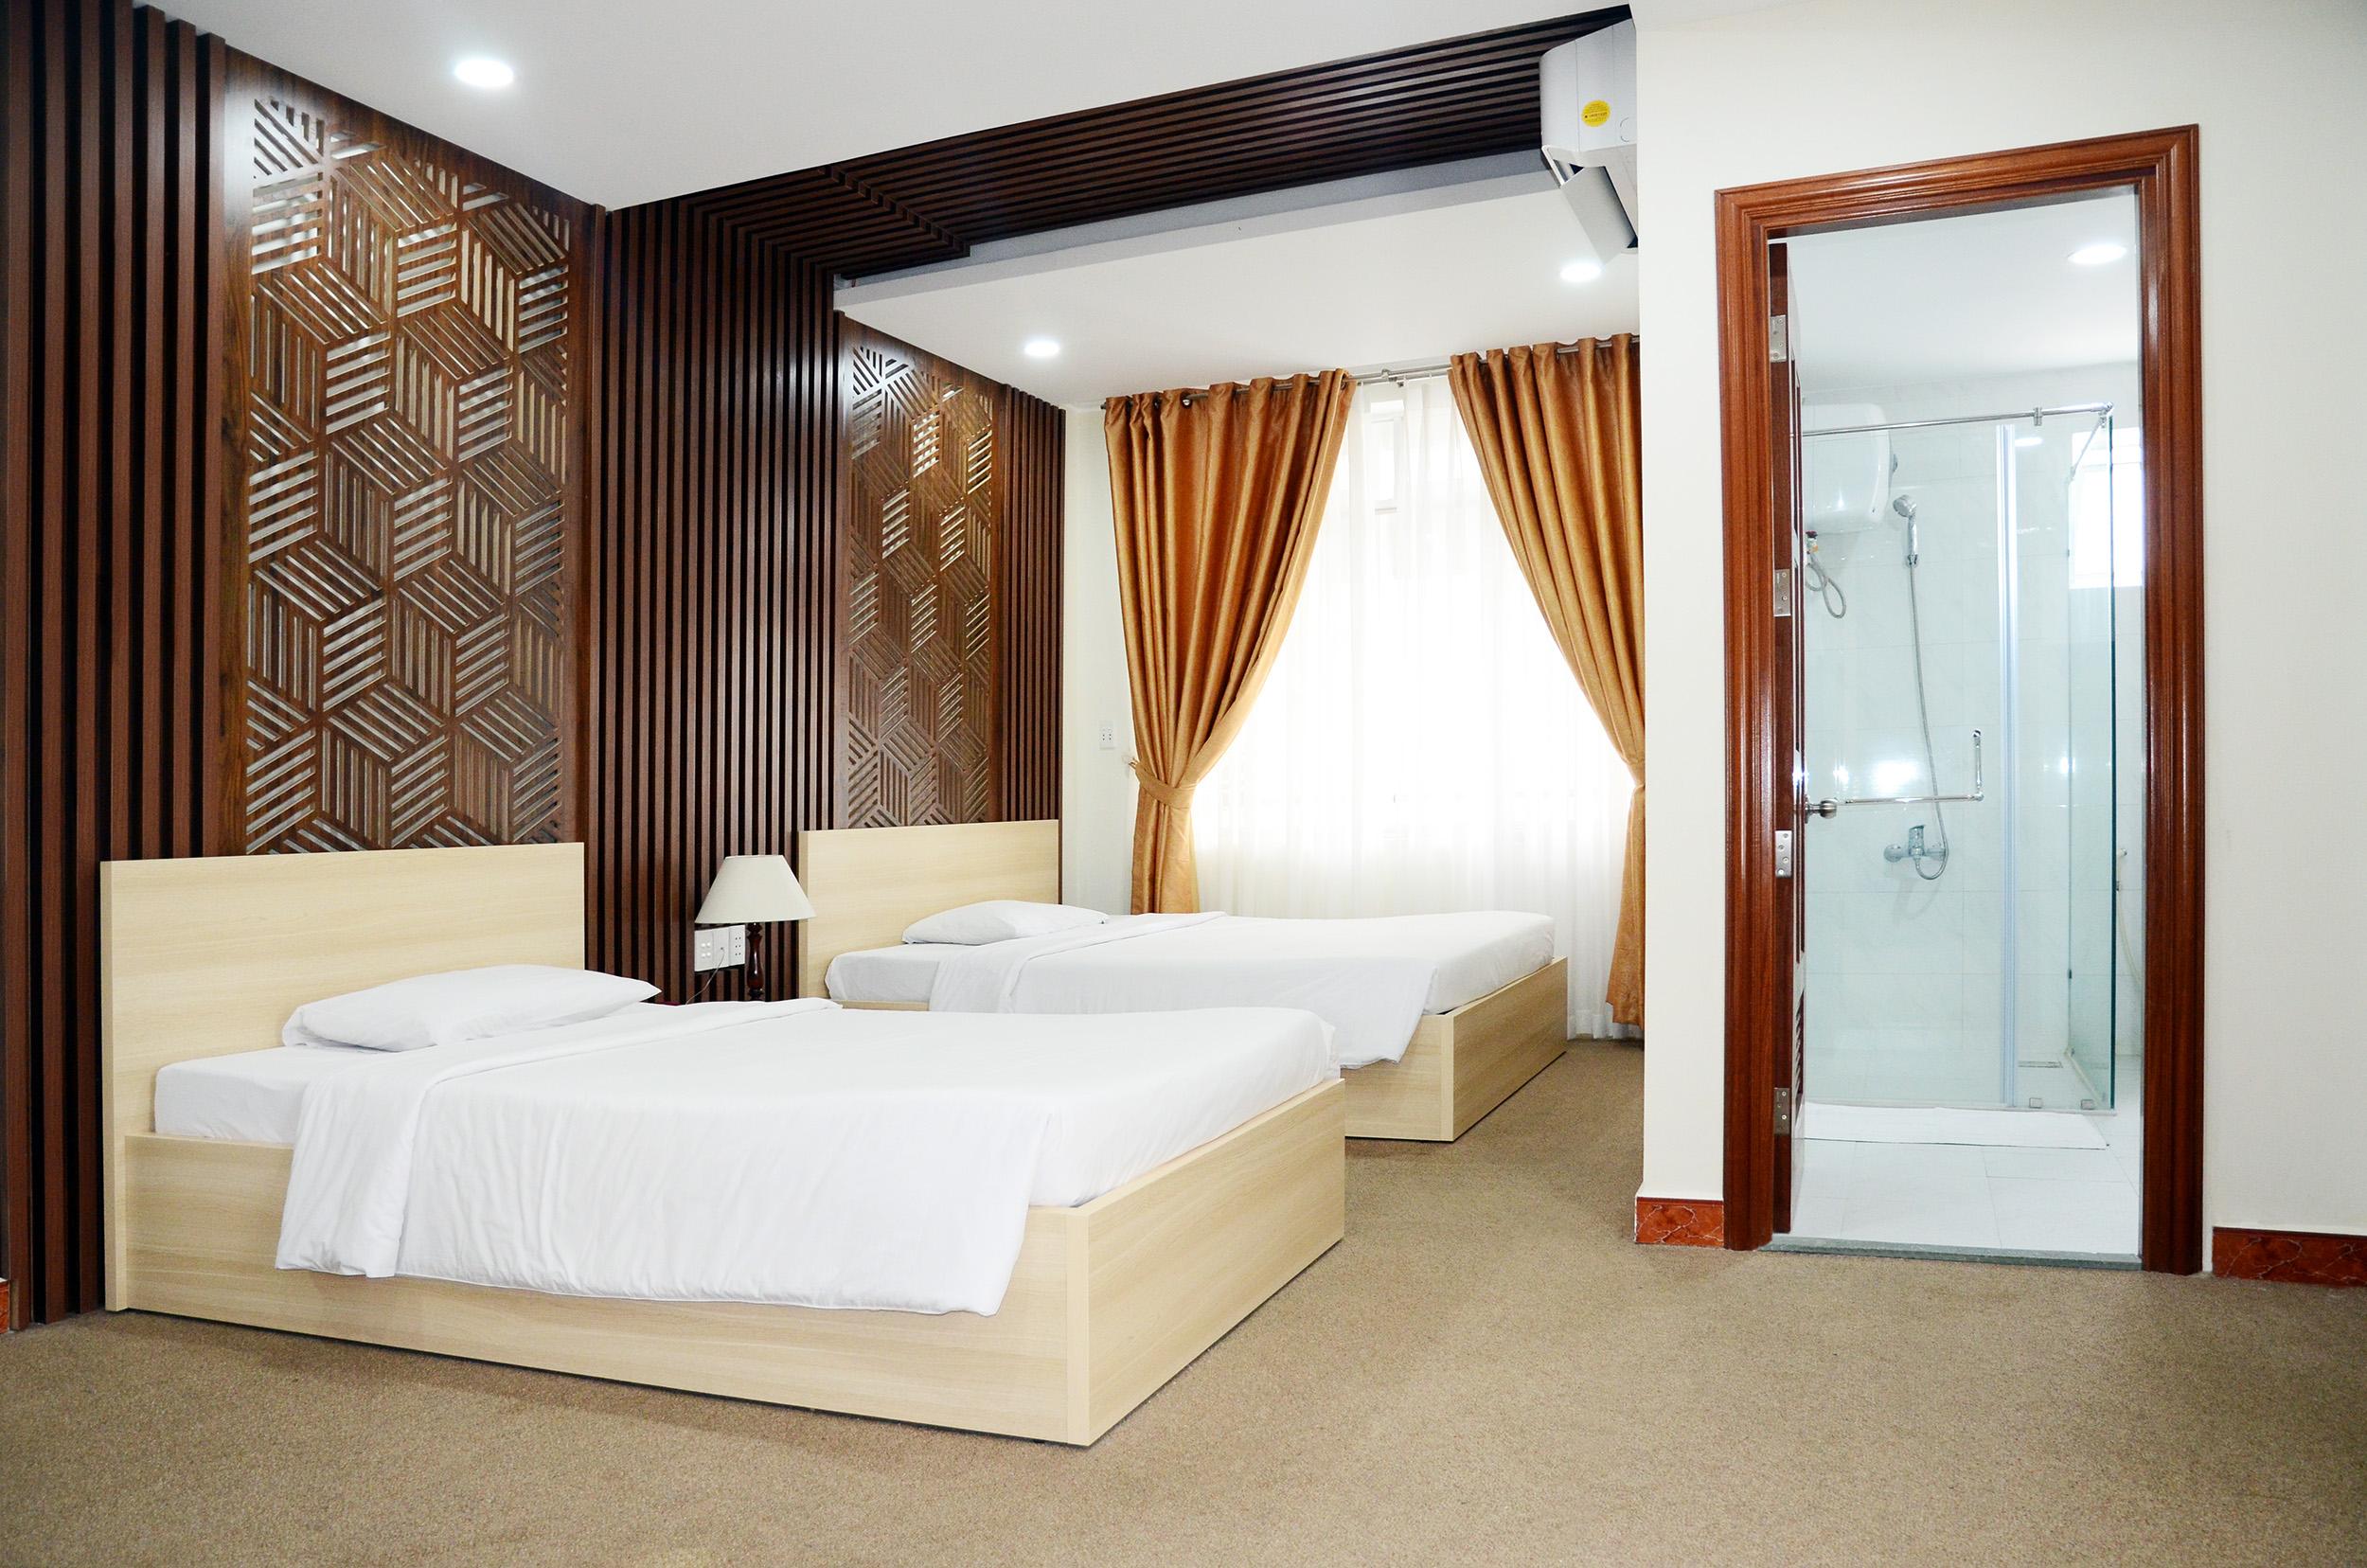 Khách sạn Đồng Nai - khách sạn ở Biên Hòa